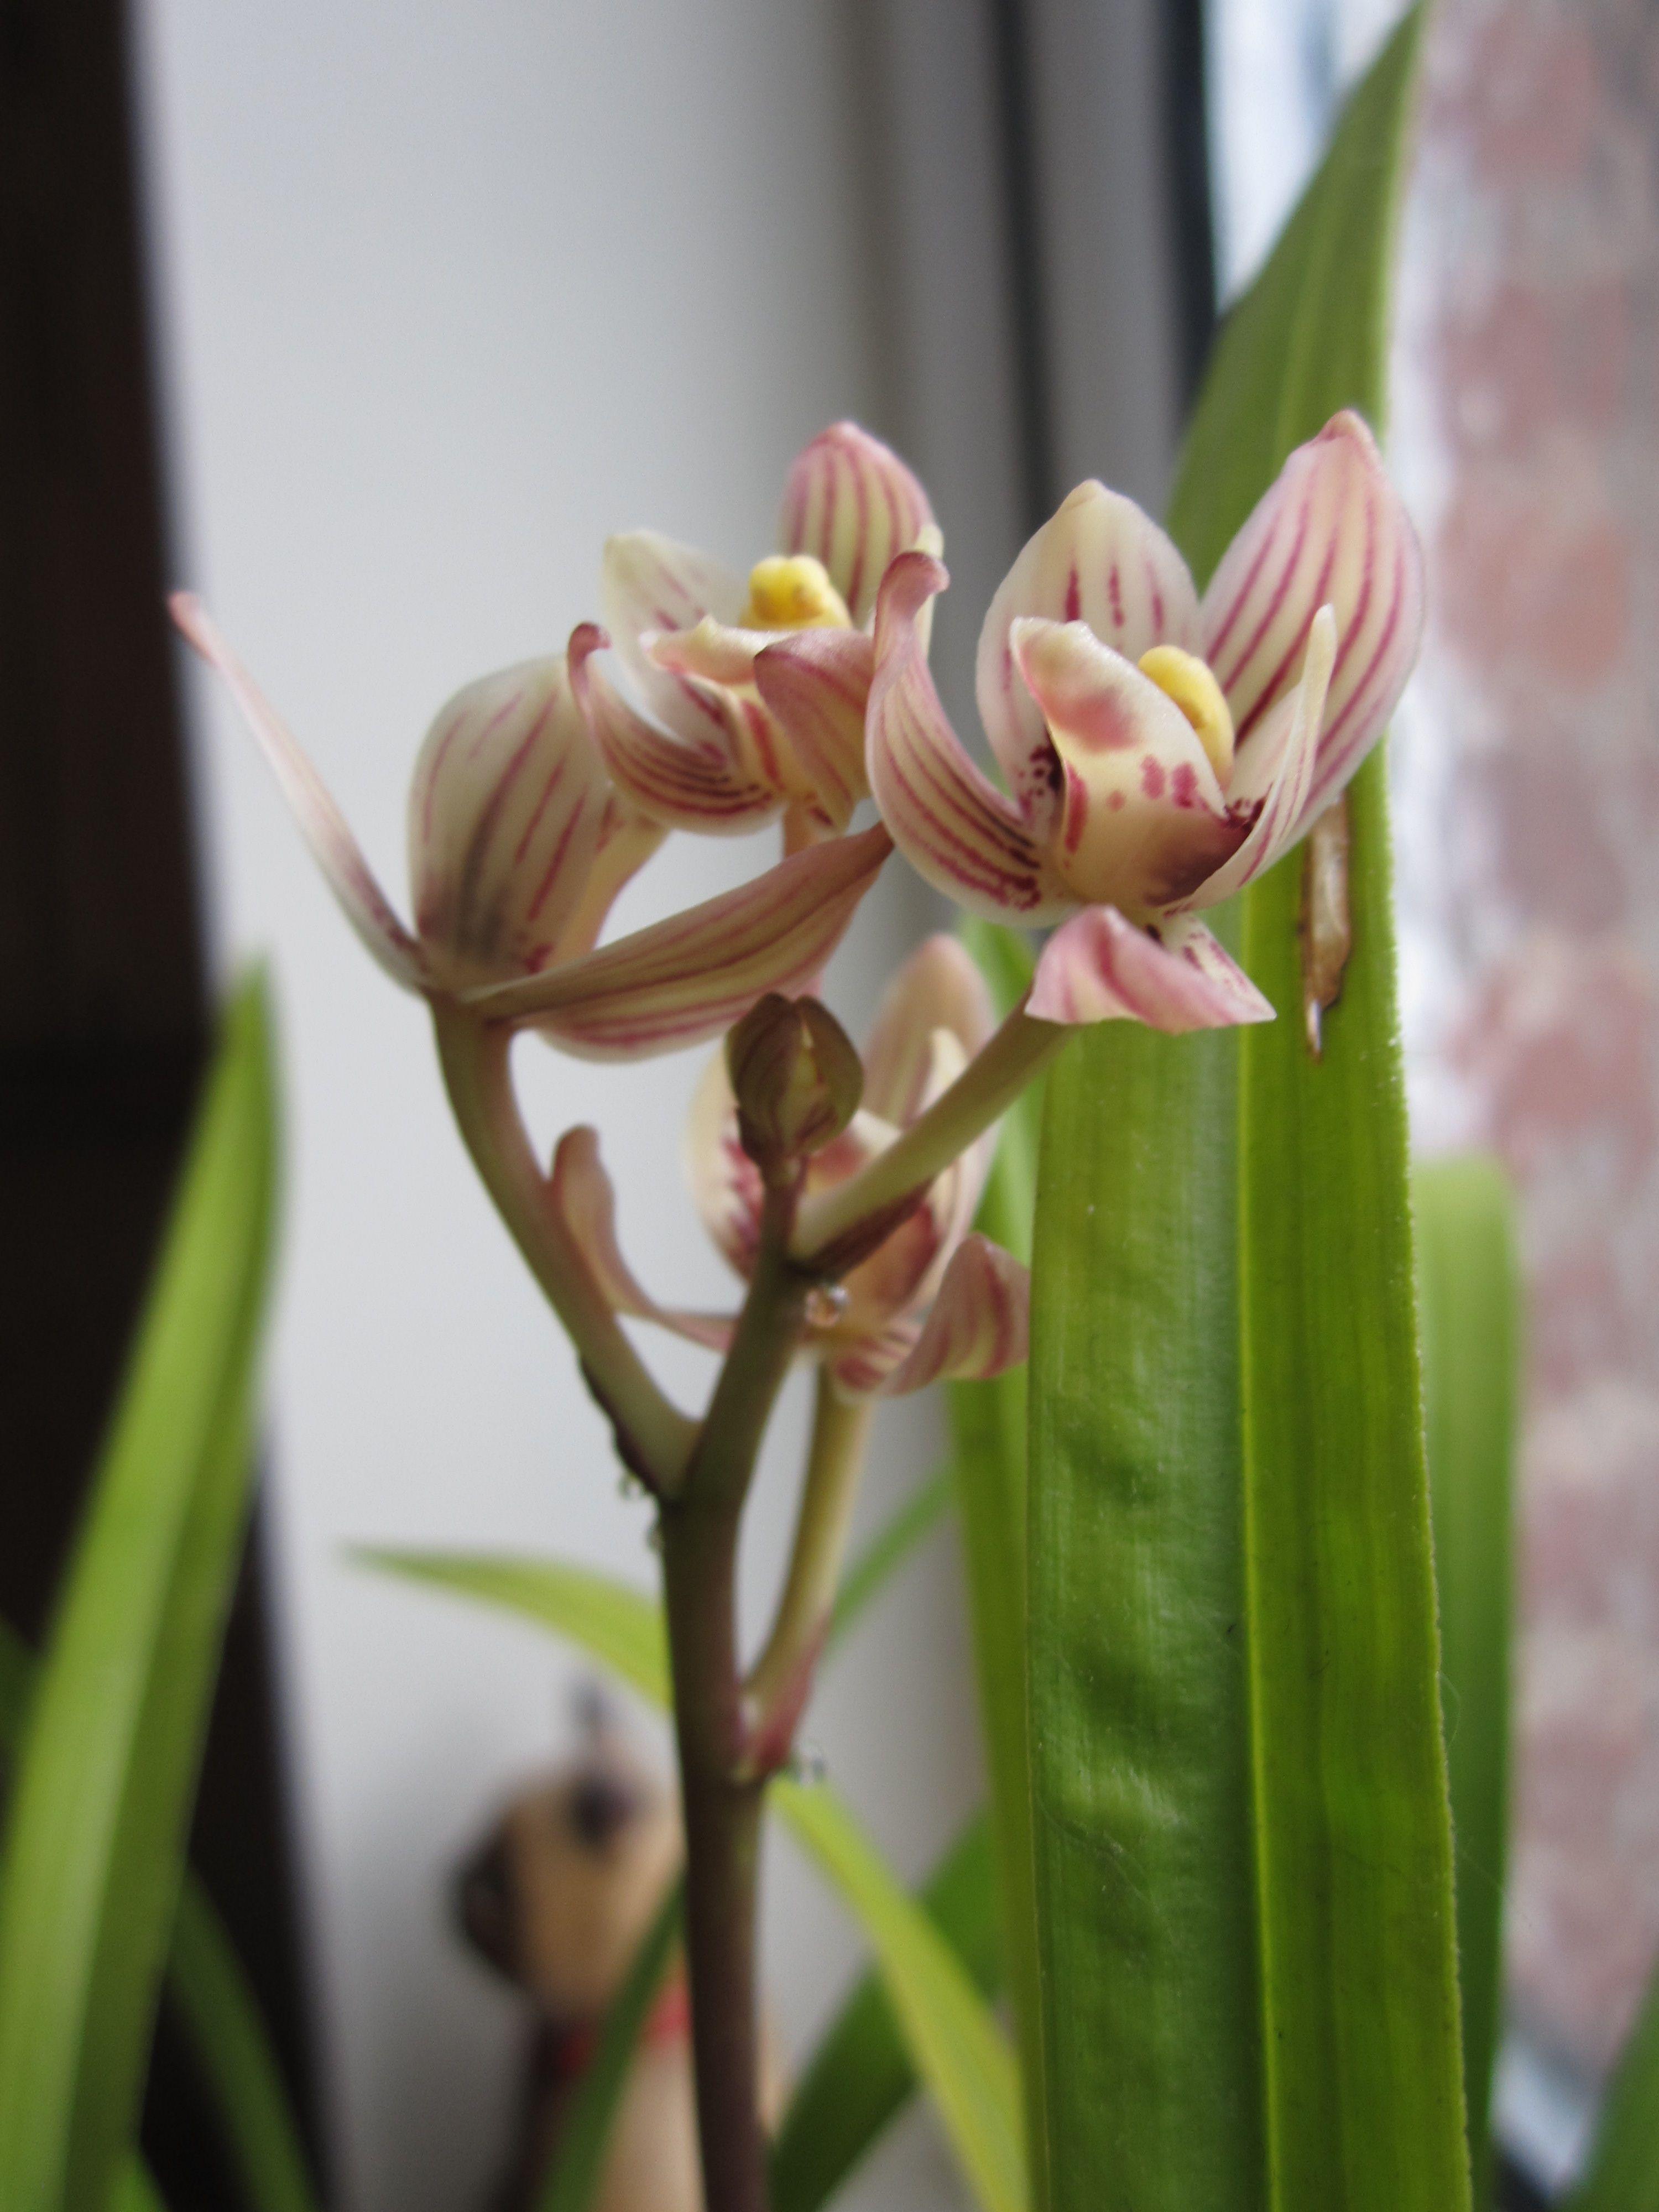 Cimbidium ensifolium